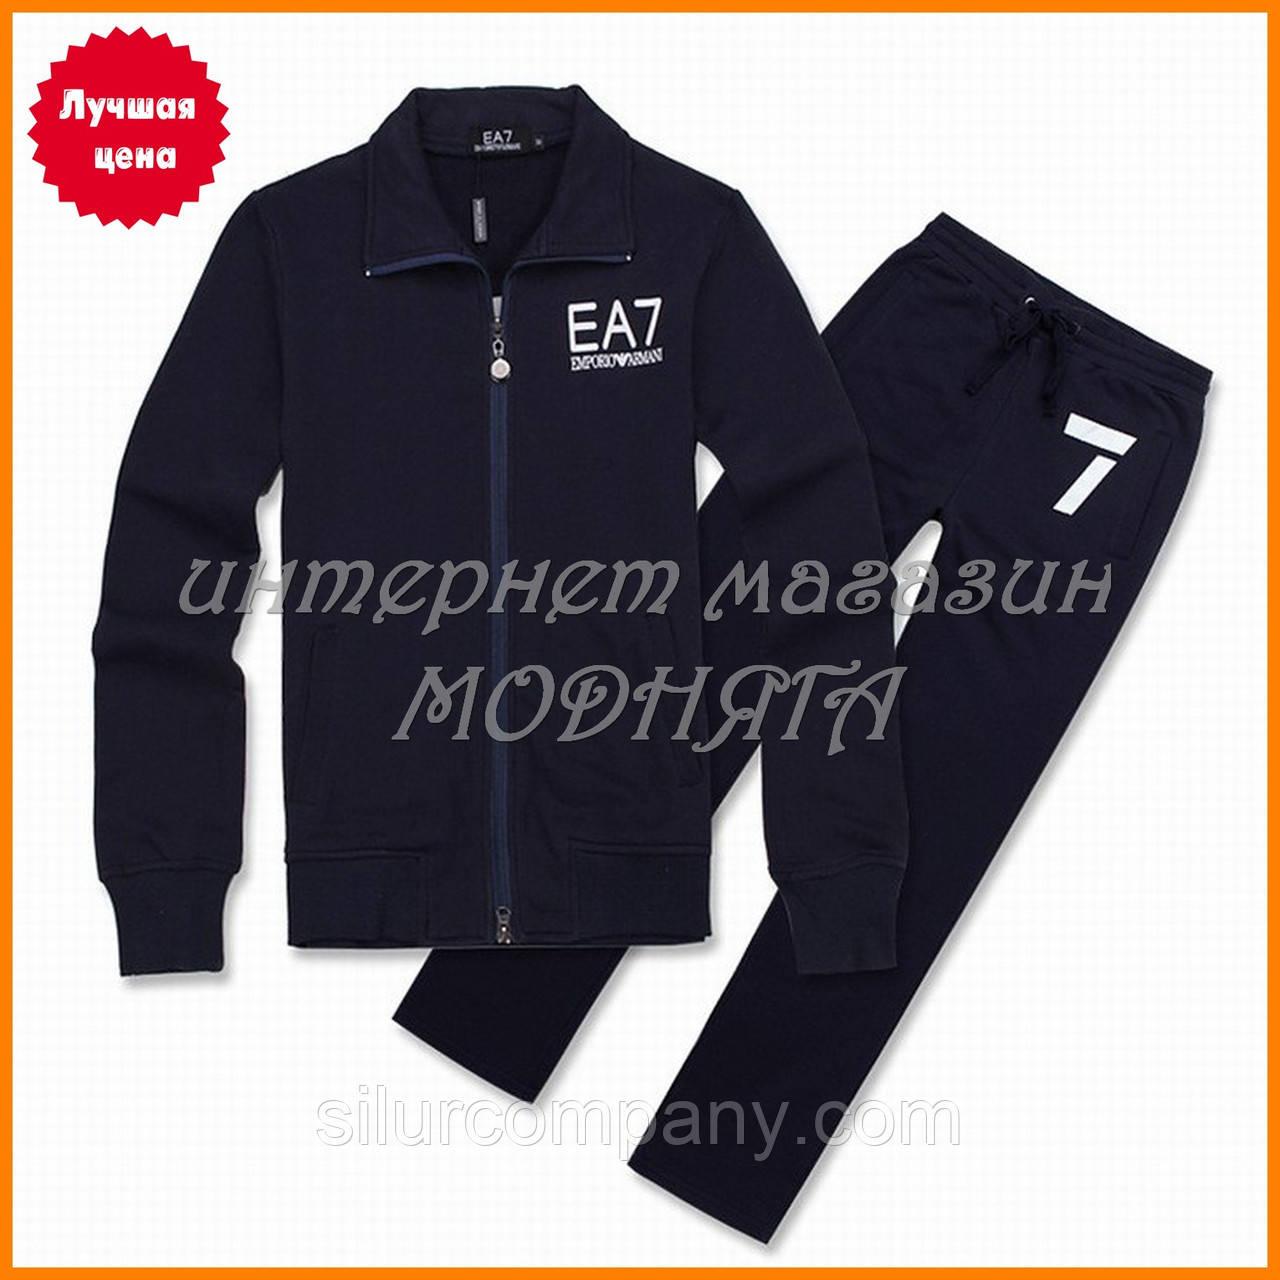 26ea8a5e111a Подростковый спортивный костюм черный - Интернет магазин